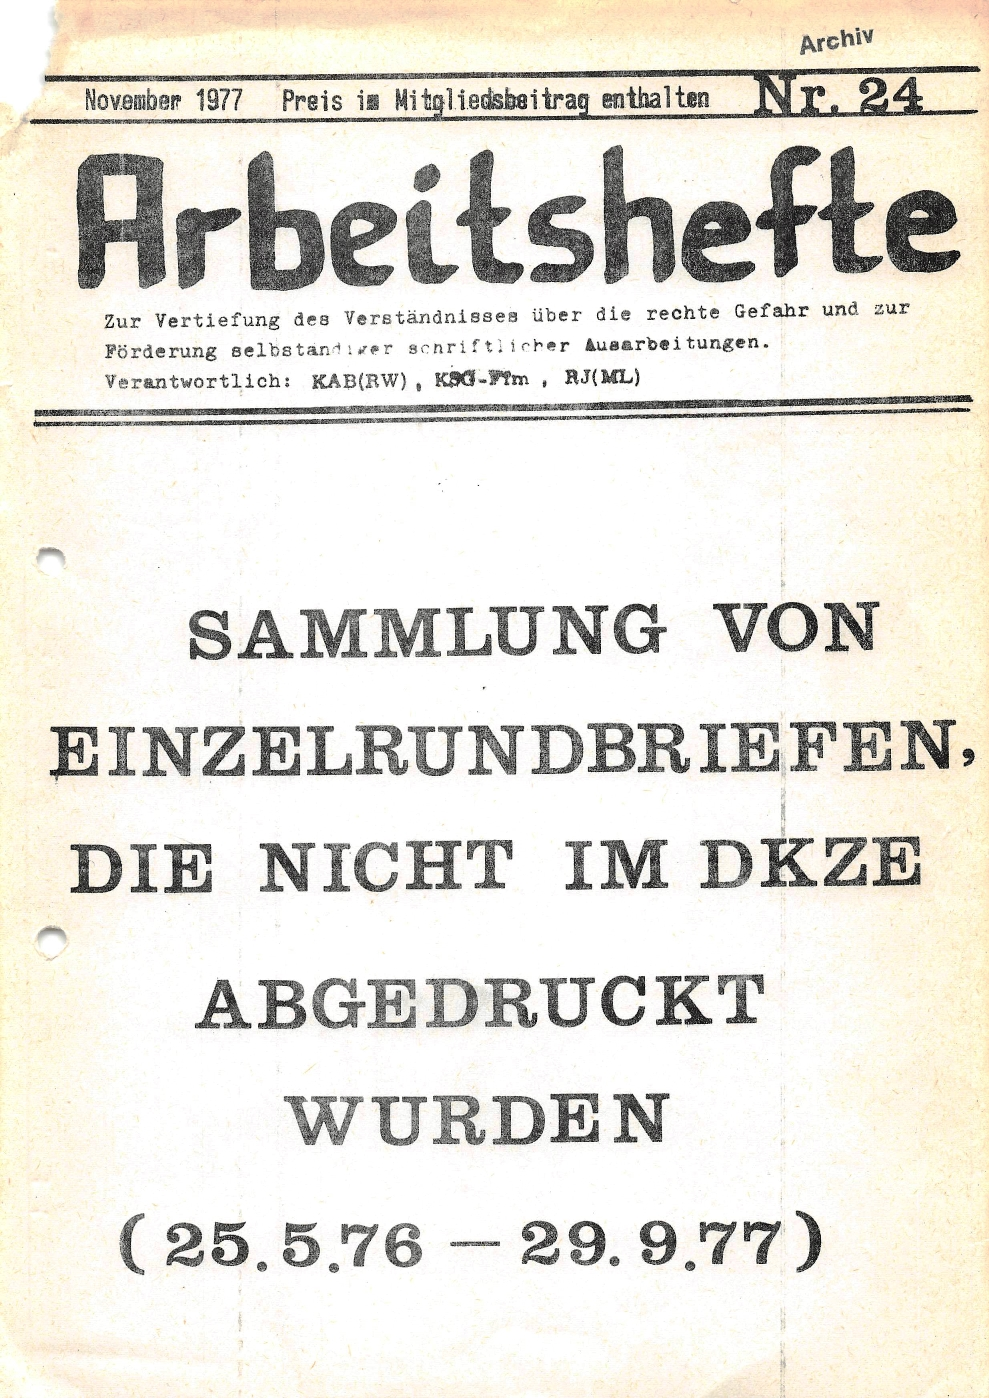 KABRW_Arbeitshefte_1977_24_001